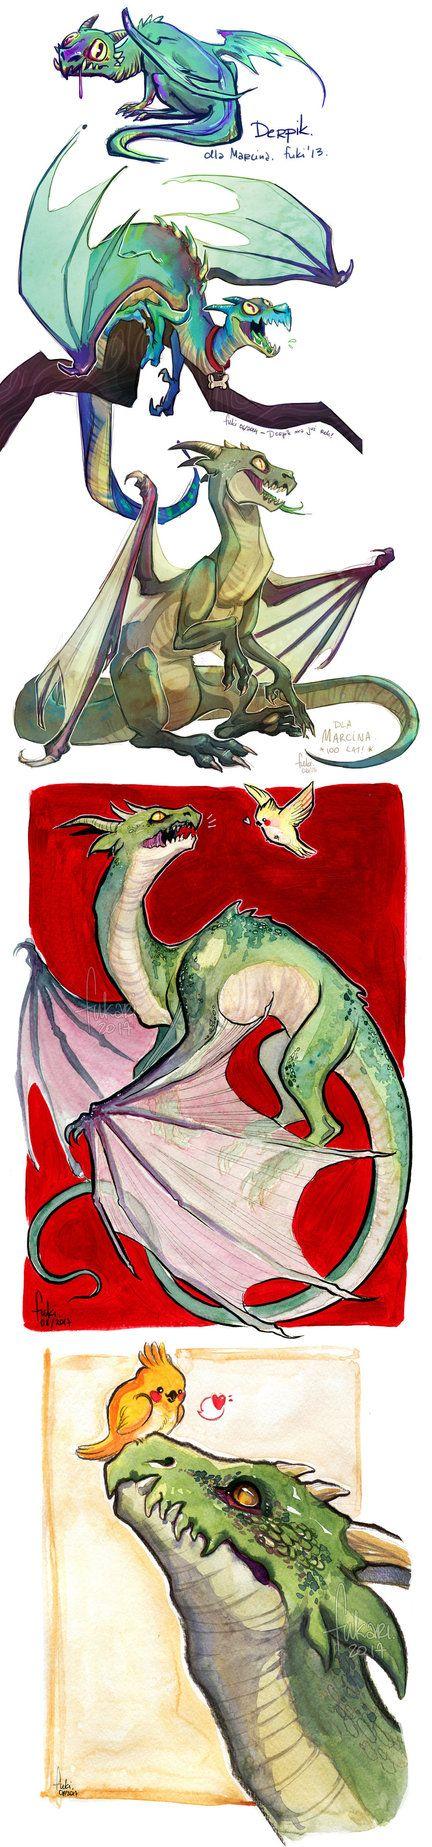 Derpik the dragon by Fukari.deviantart.com on @DeviantArt   Fukari ...